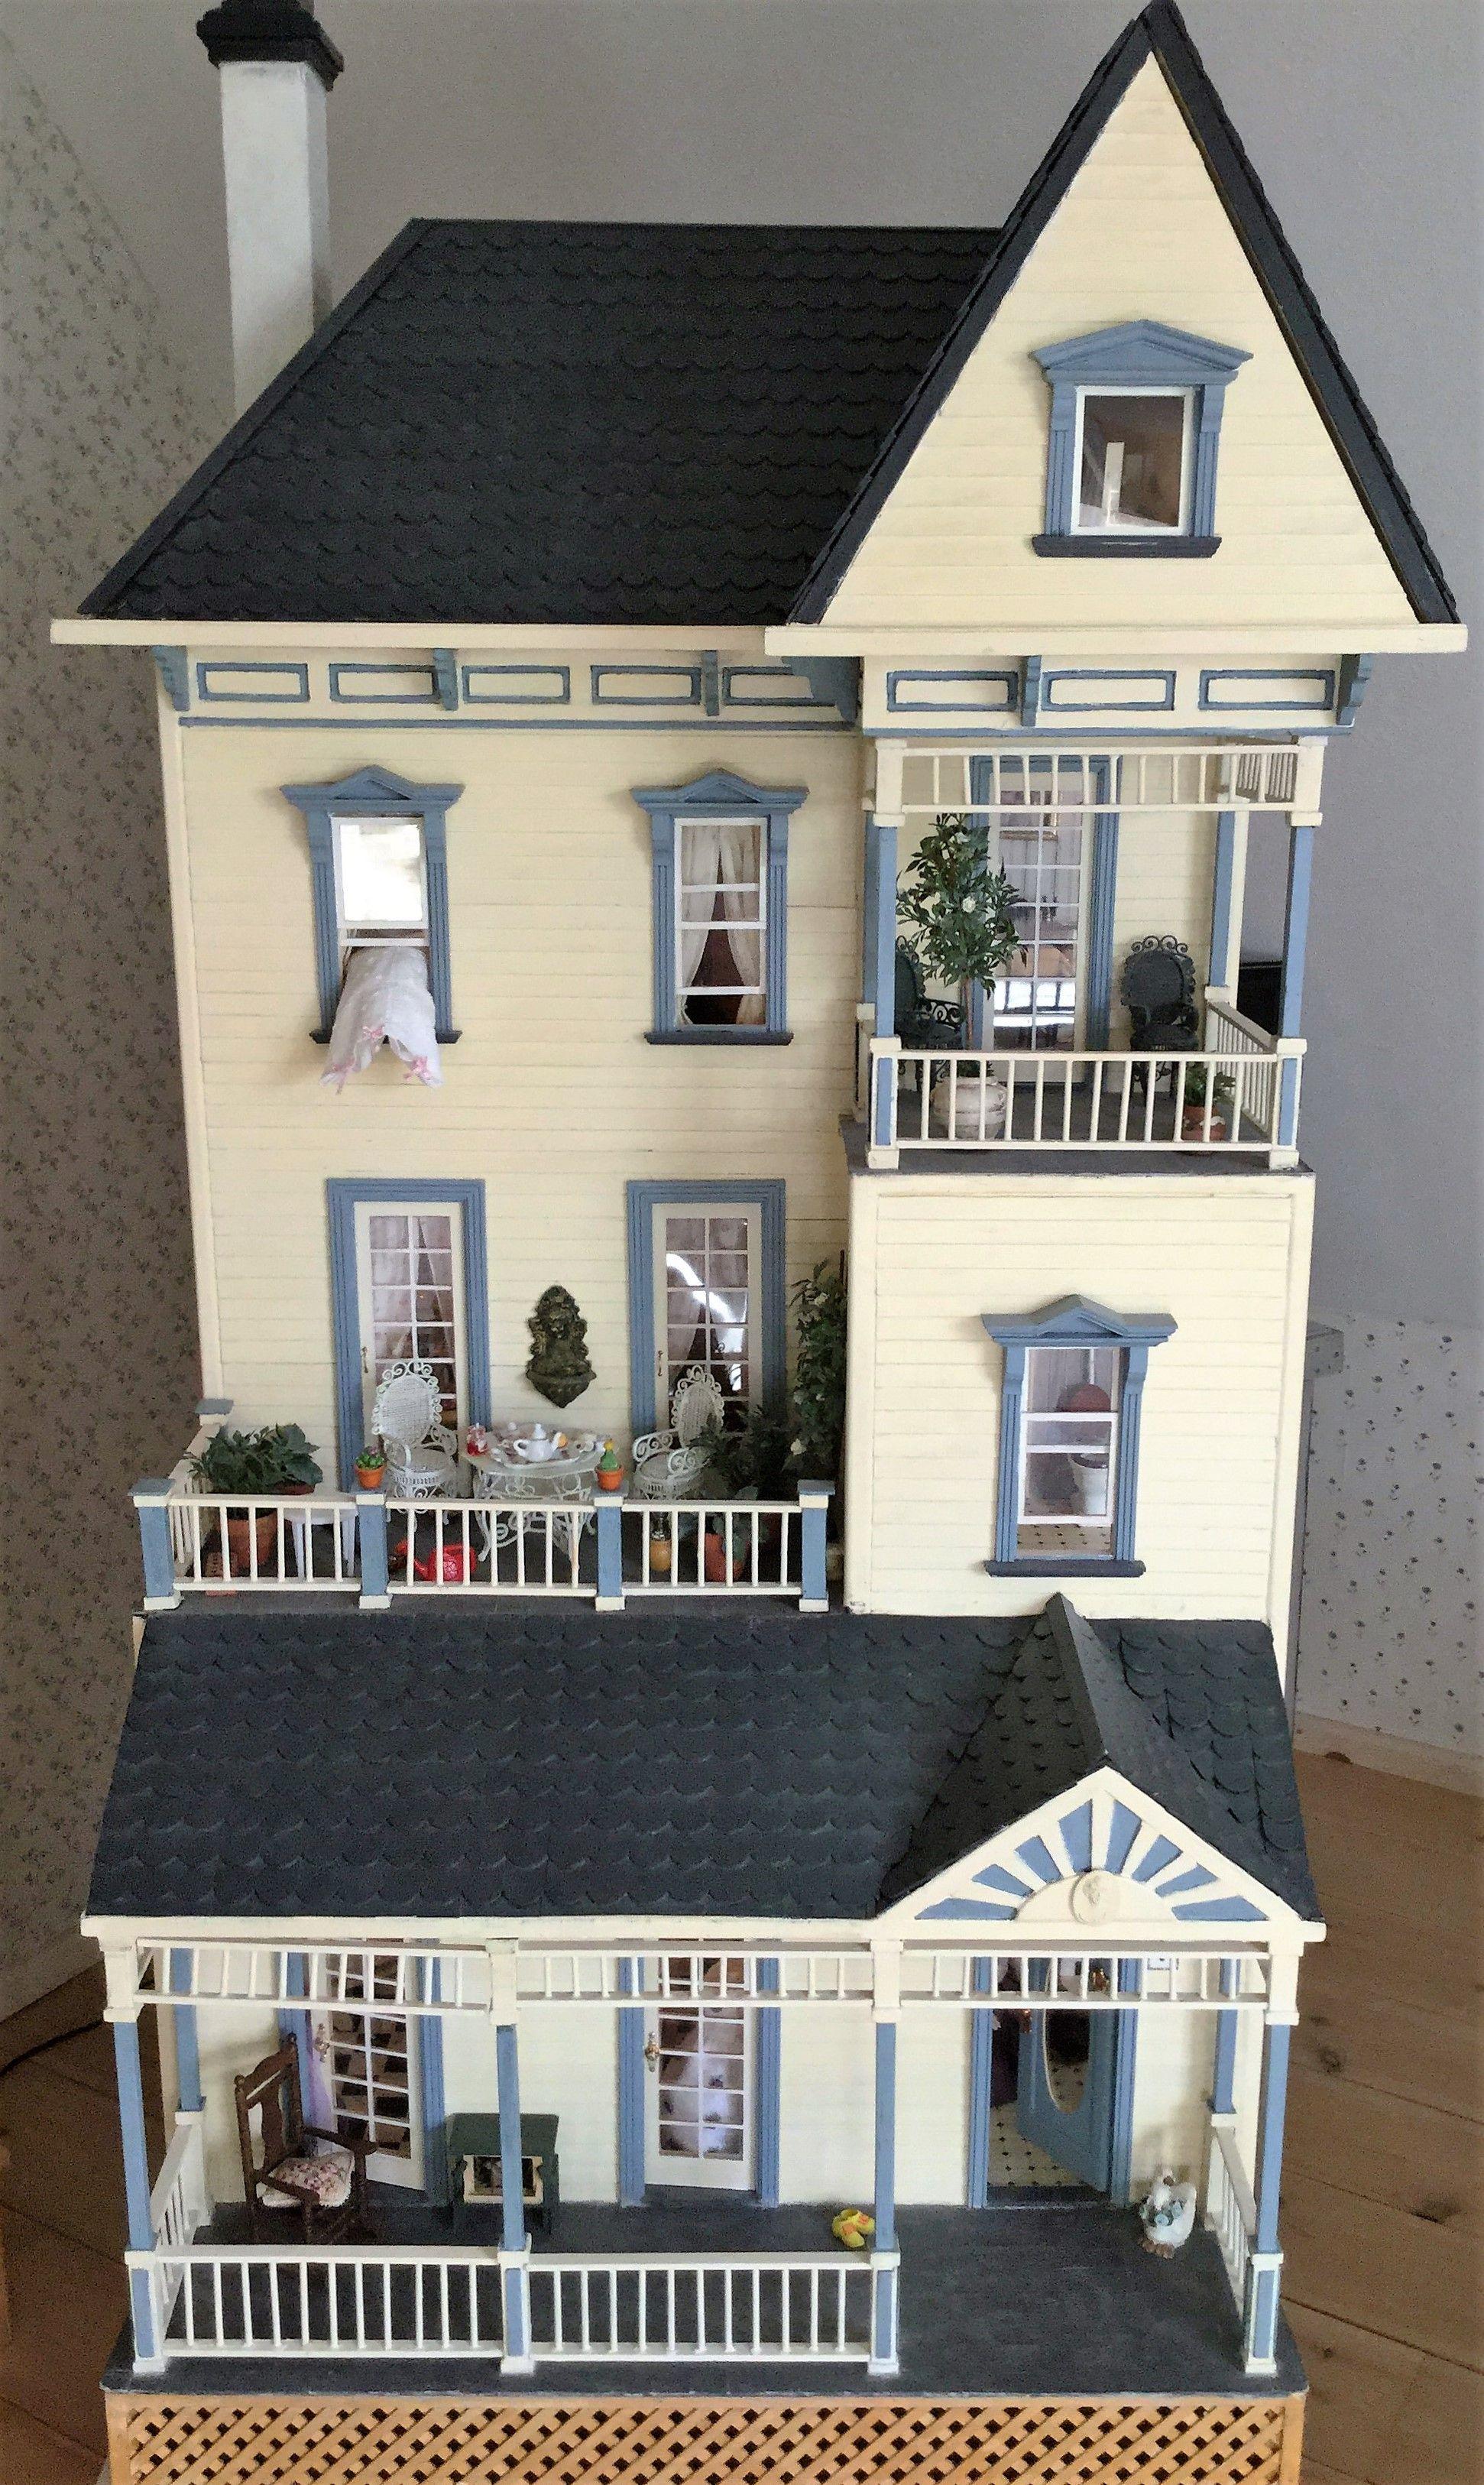 Pin de Julie Schippers en Mystical Miniatures | Pinterest | Casas de ...